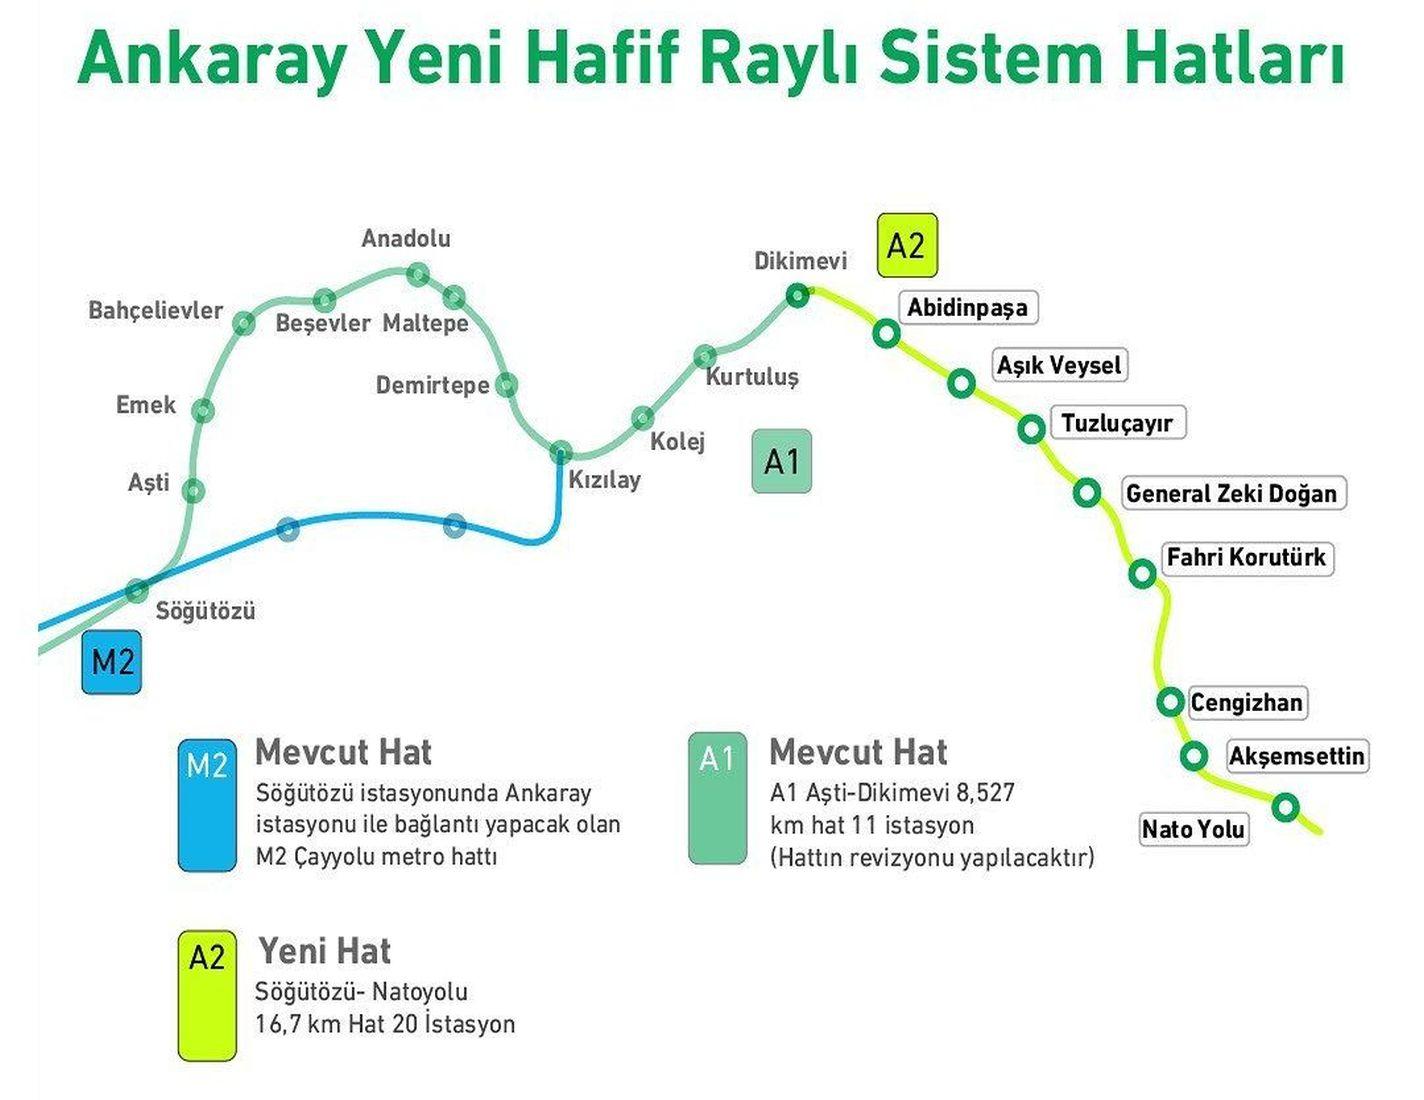 Mamak metro haritasi